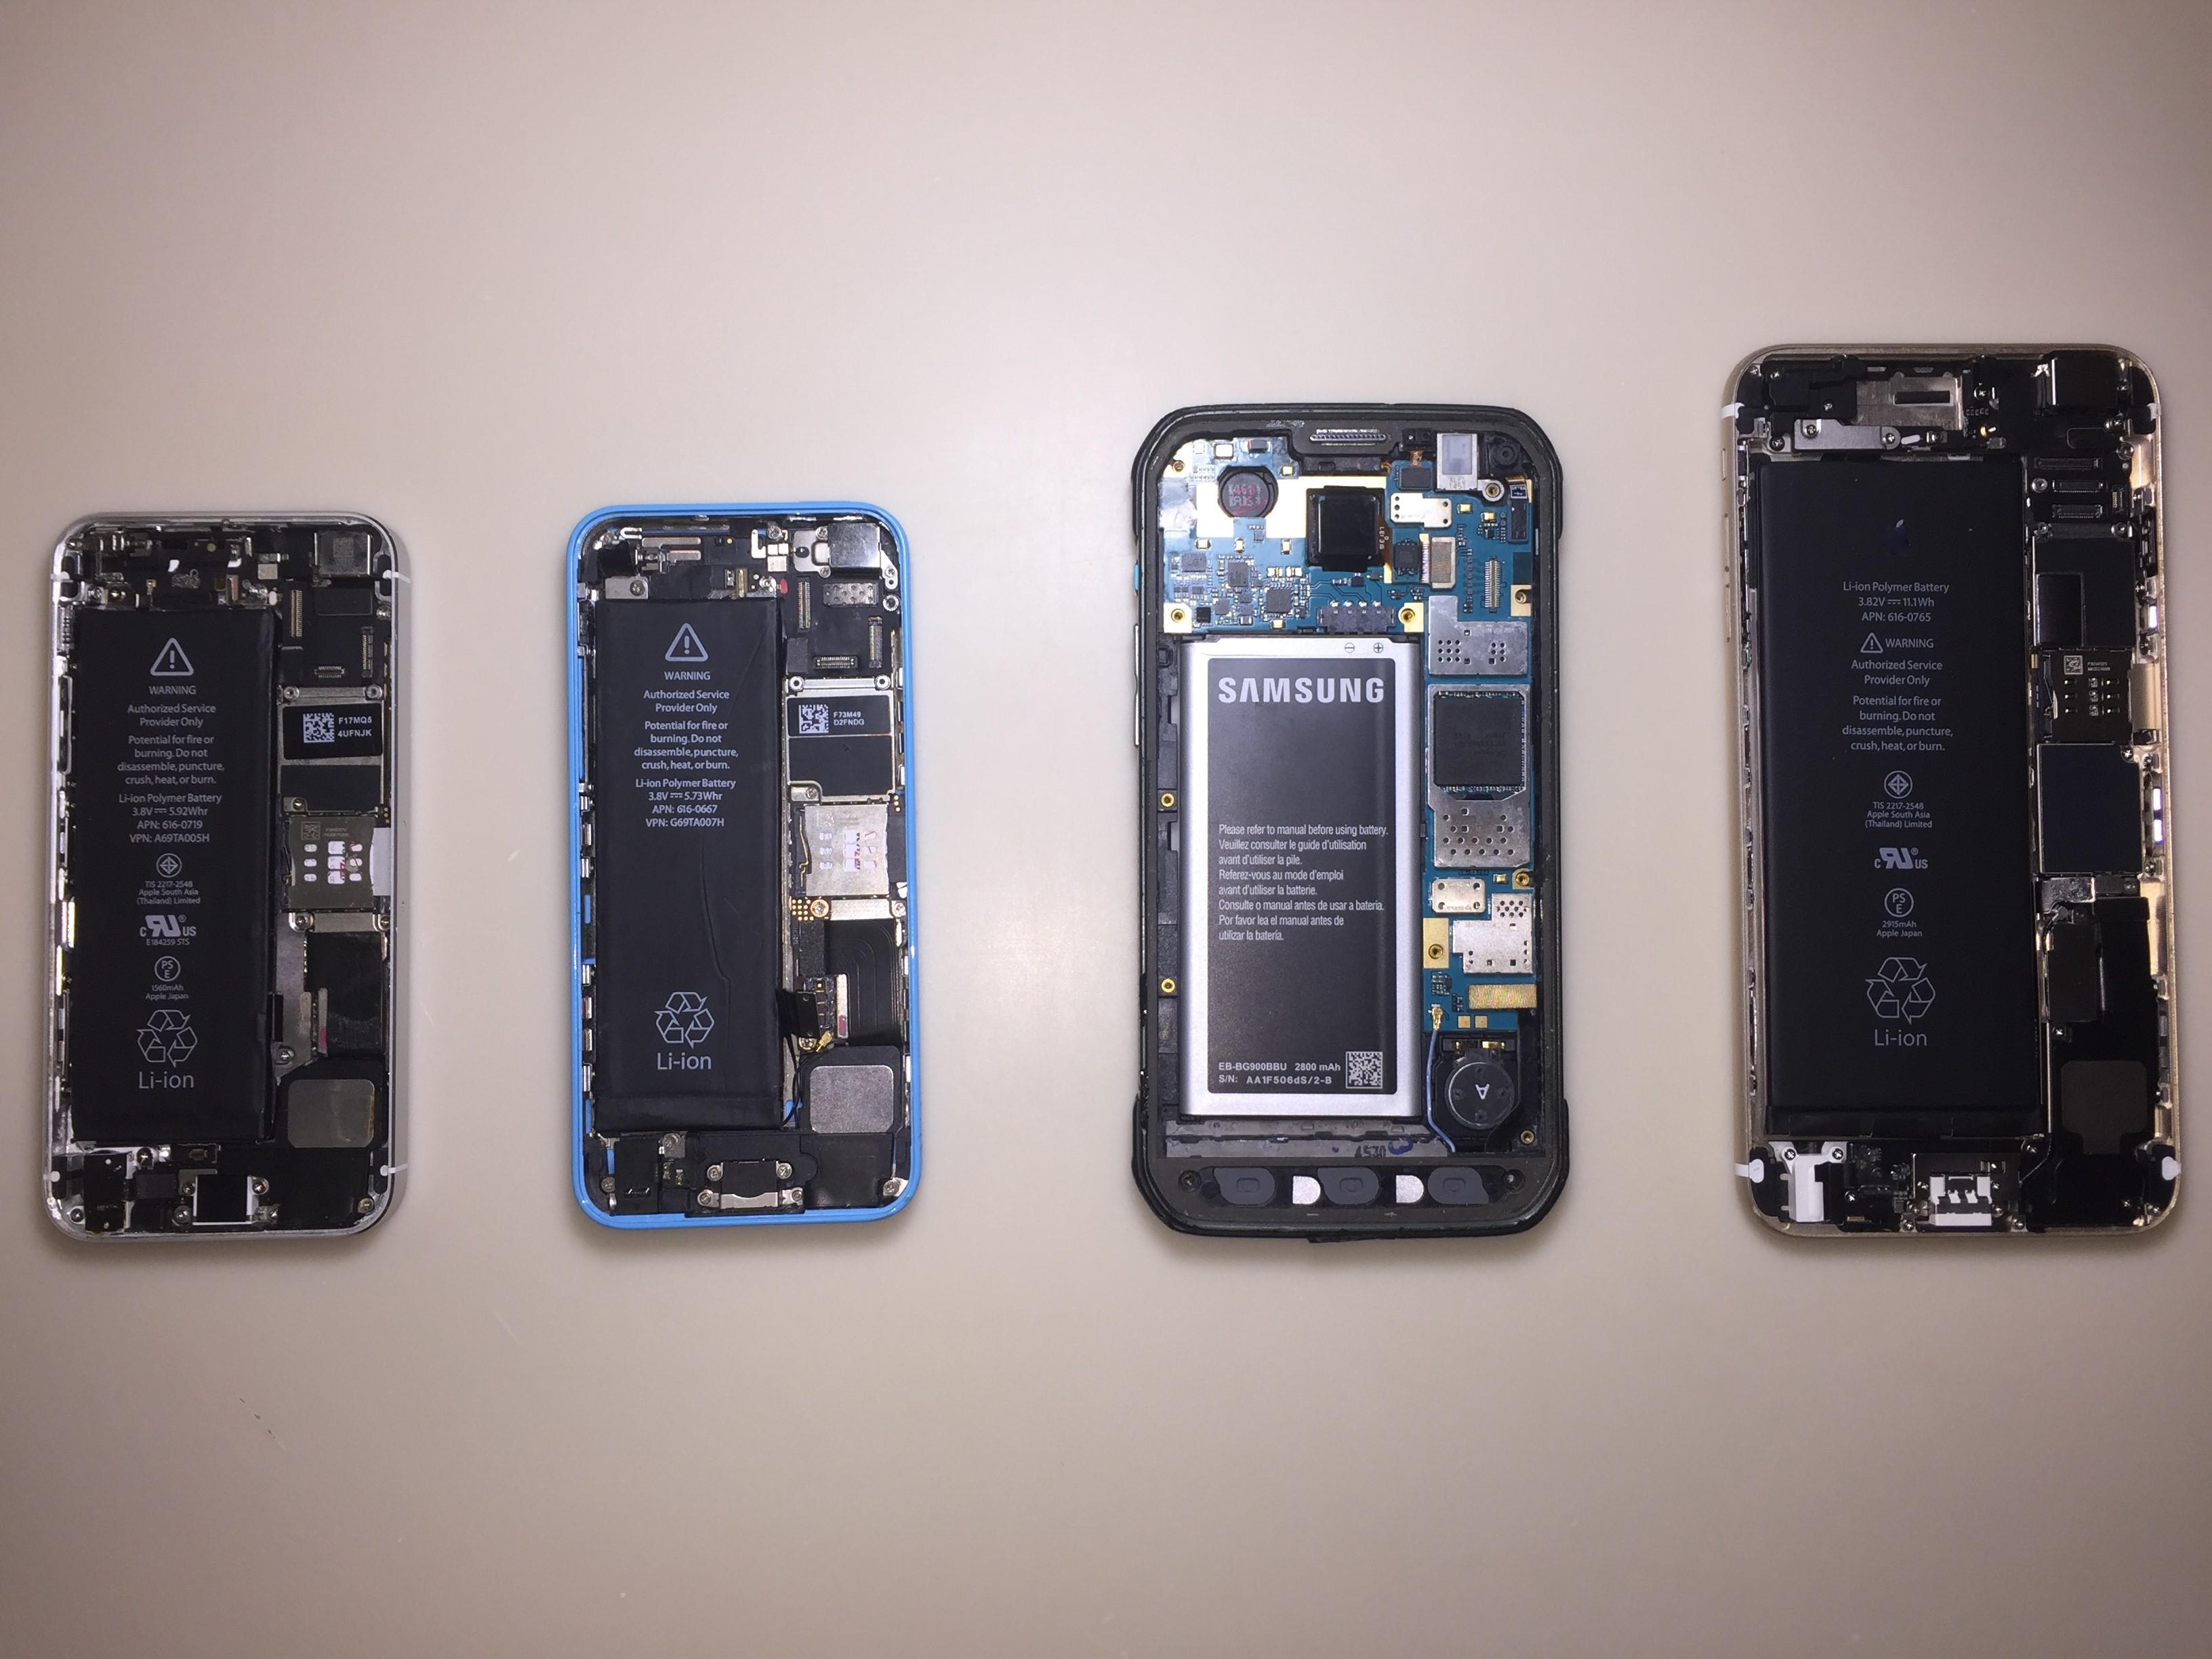 Smartphones internal parts displayed